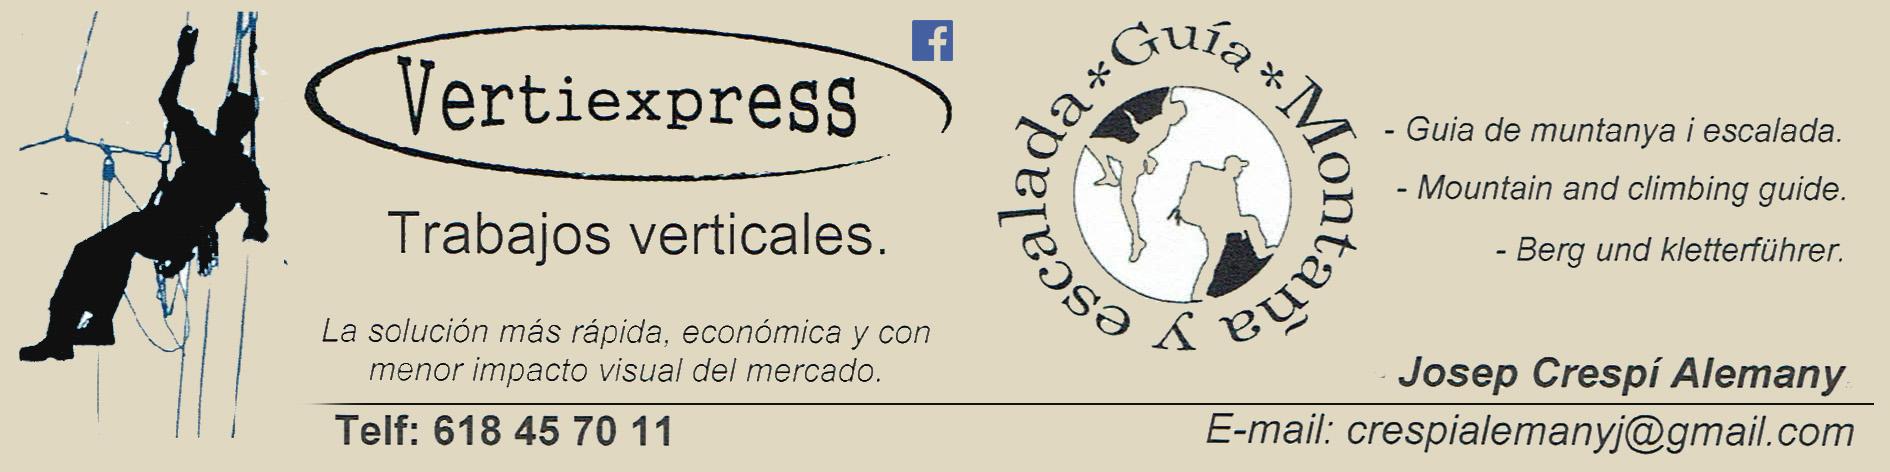 VERTIEXPRESS WEB.jpg